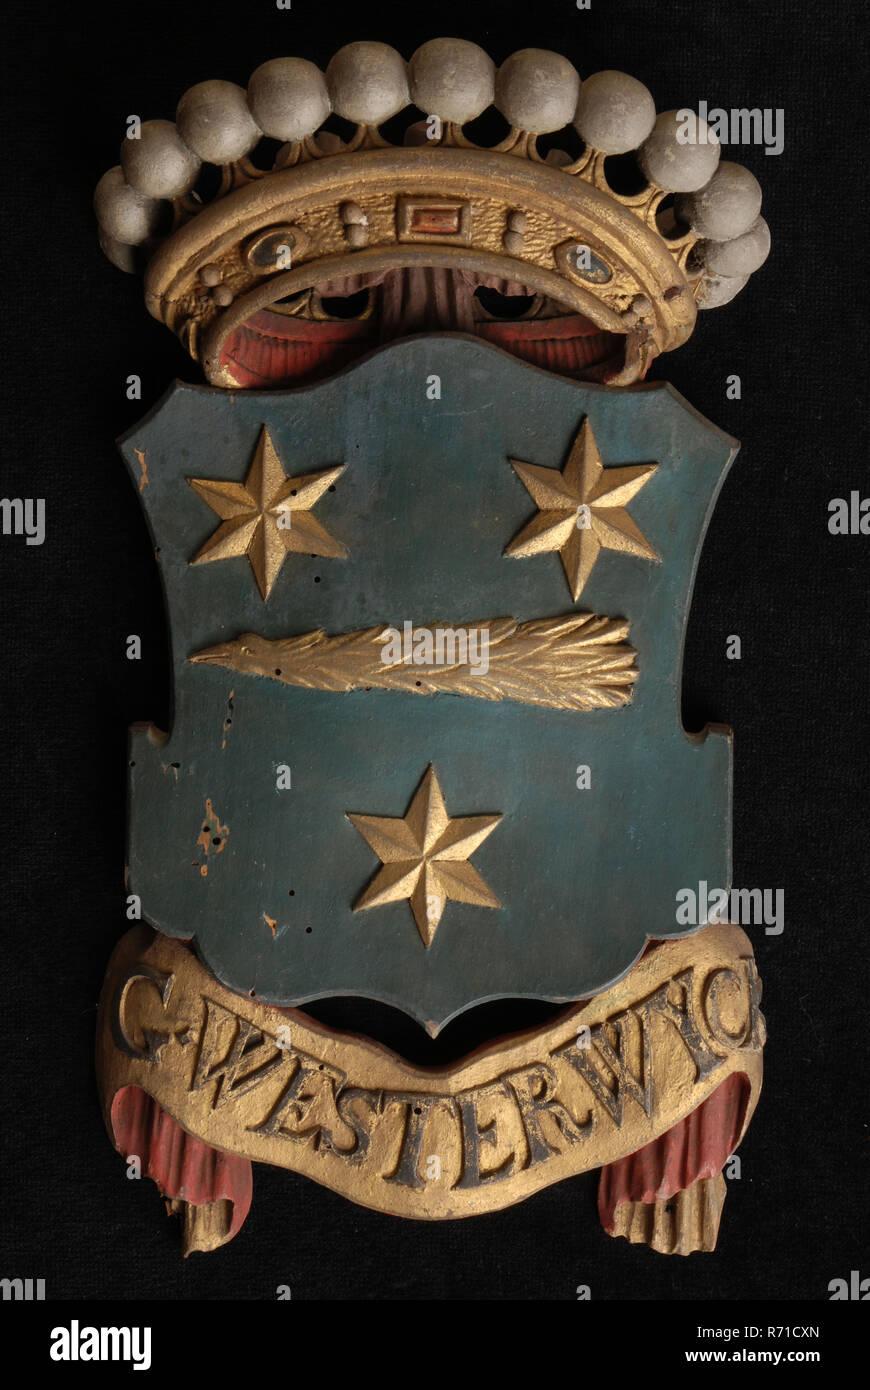 Madera Tallada Escudo Coronado Incluyendo El Nombre G Westerwyck